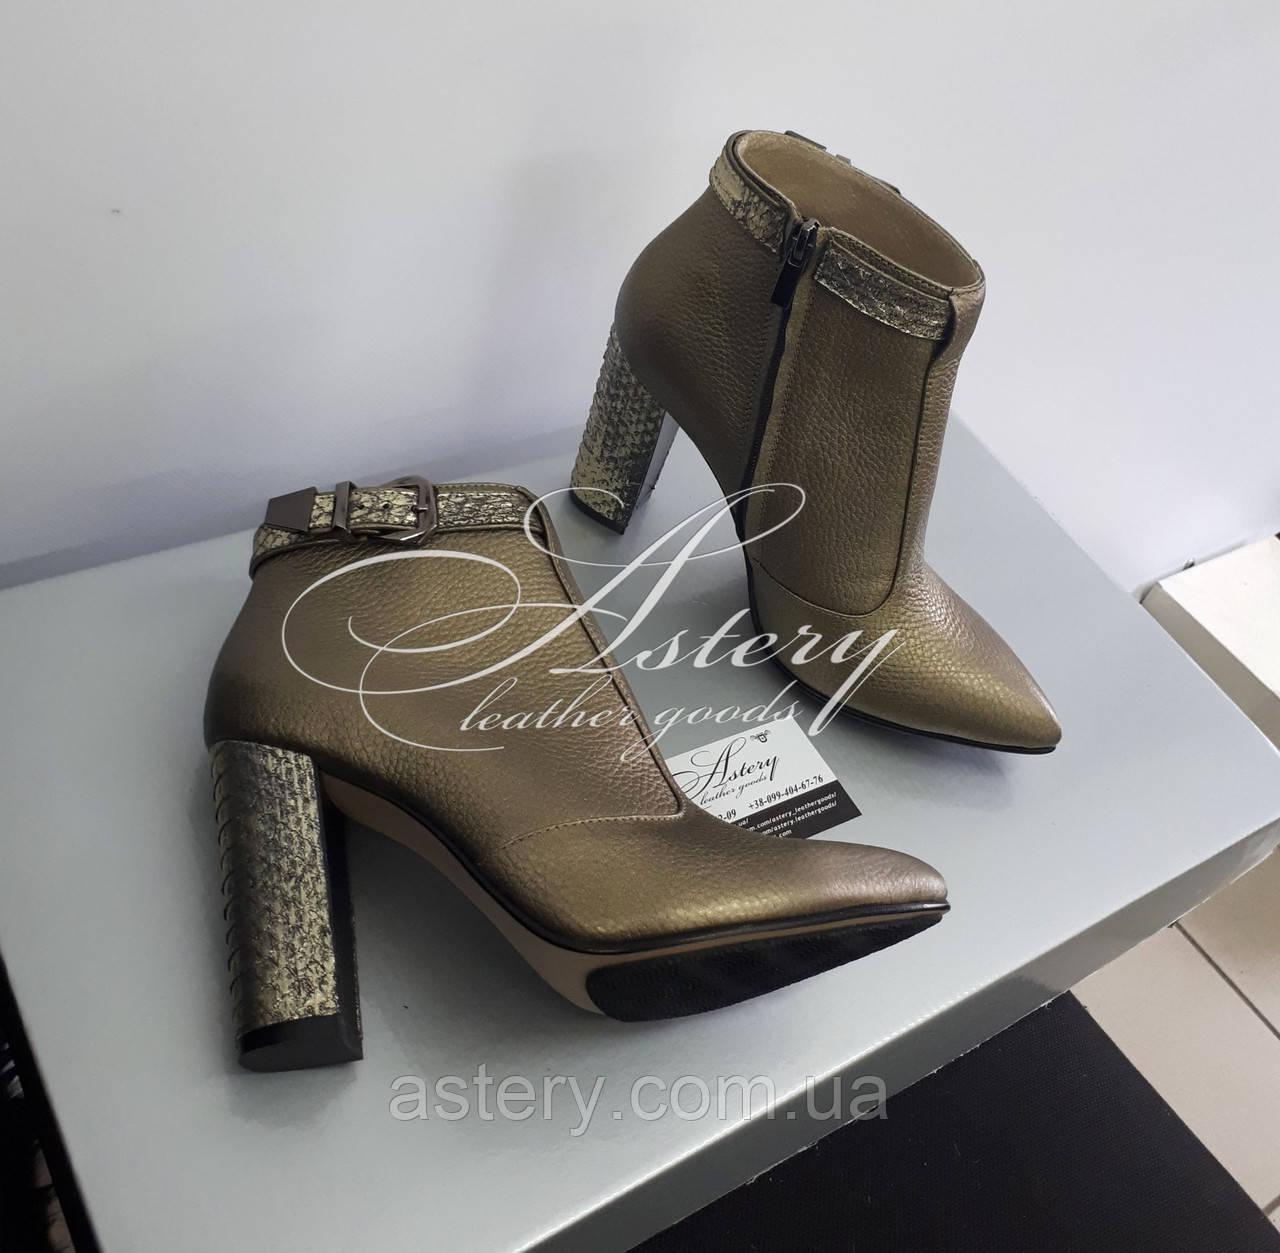 Модные бронзовые ботильоны из кожи и питона на тостом каблуке